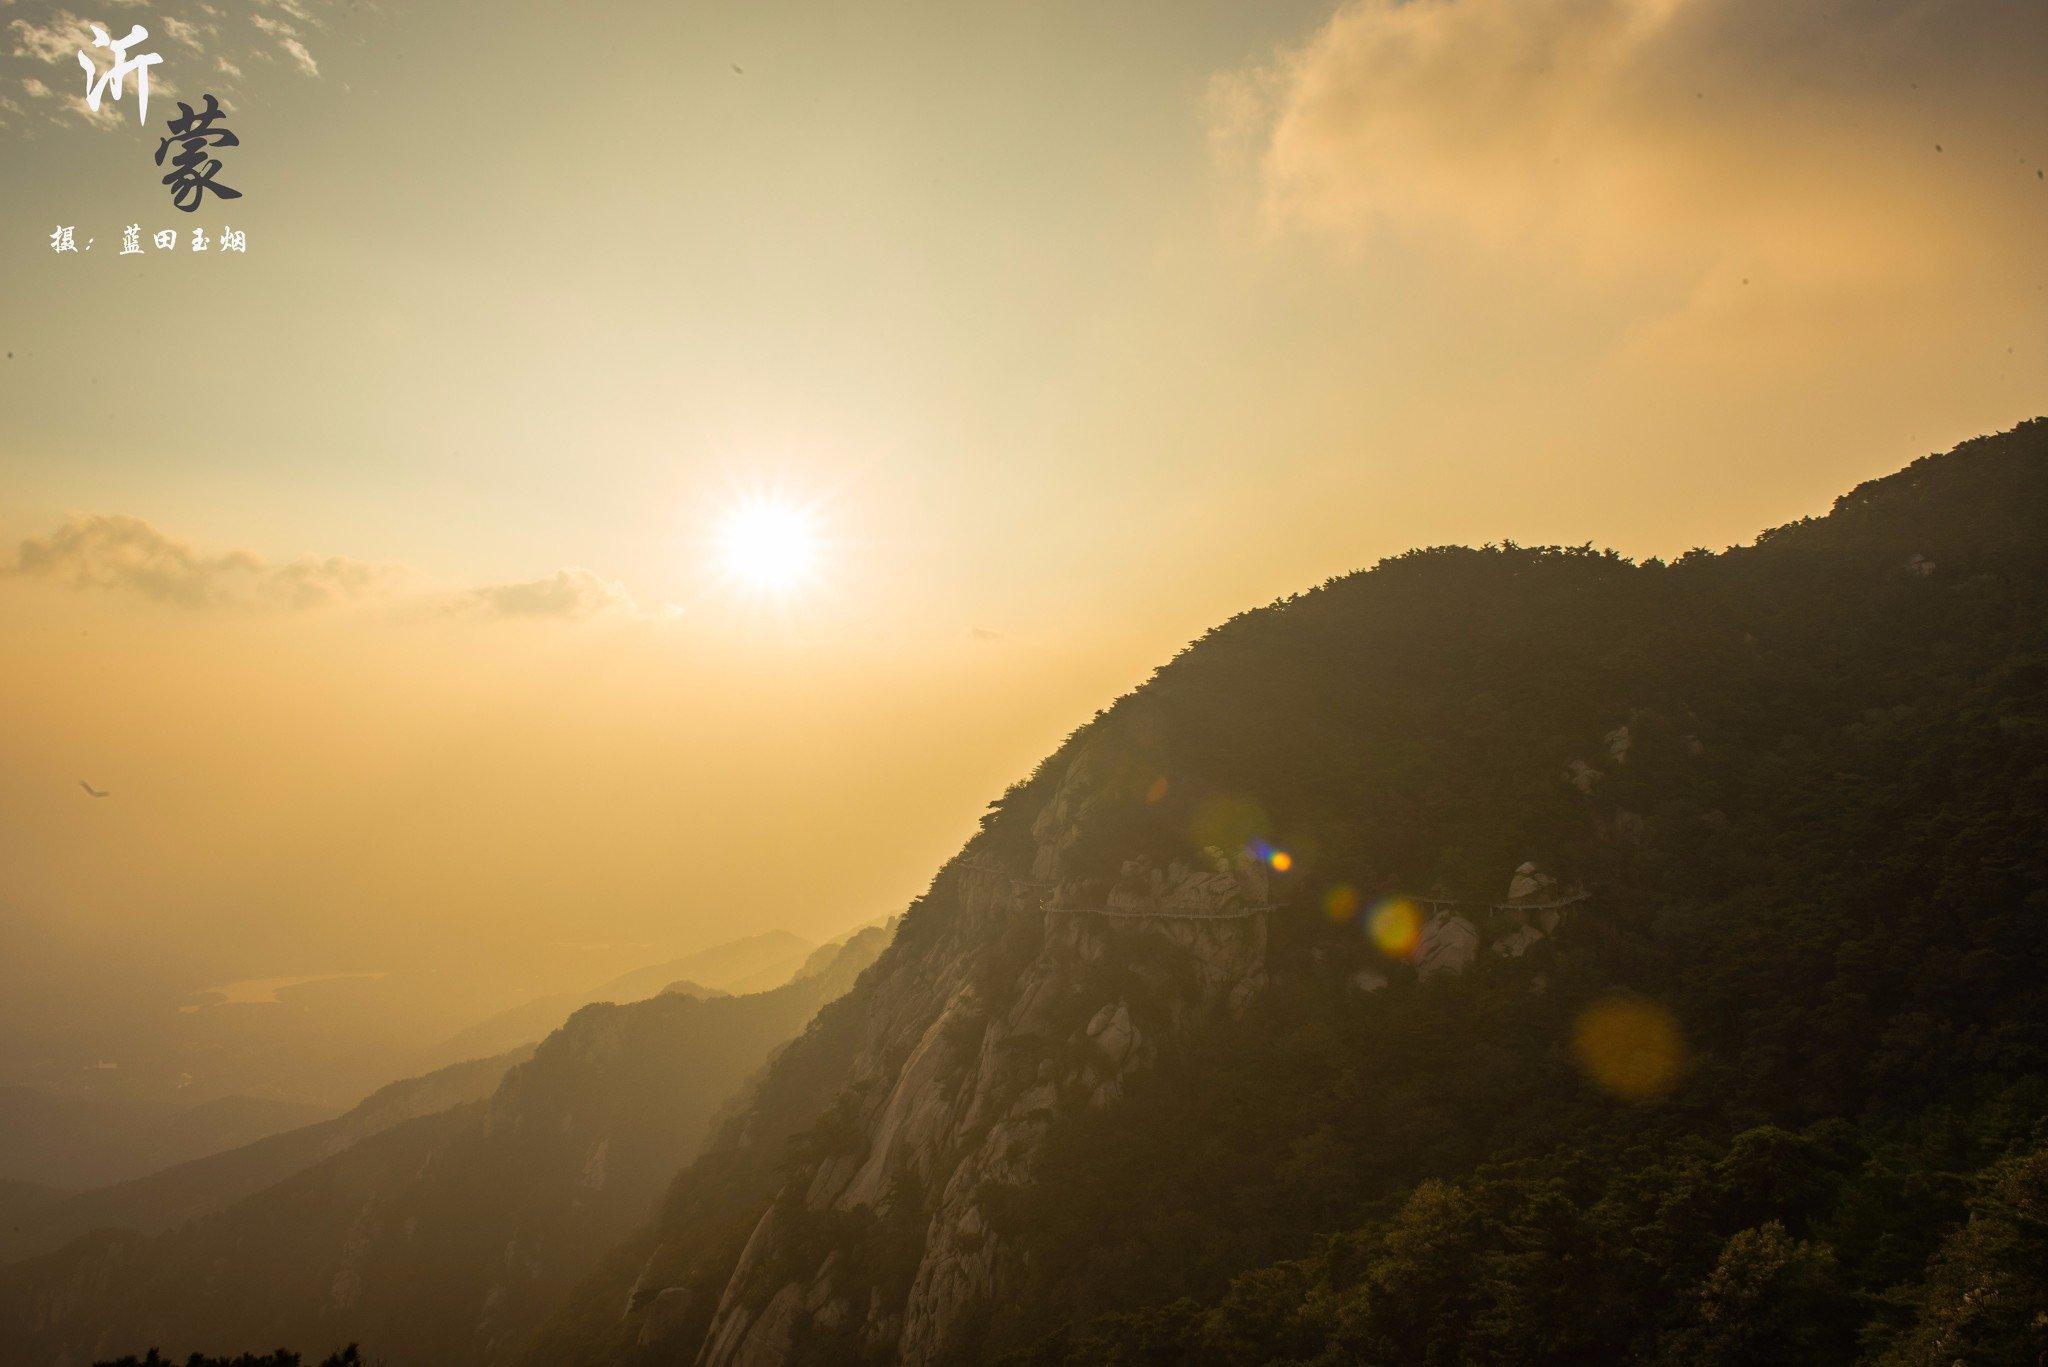 鹰窝峰,奇峰峻岭,一颗孤松矗立,夕阳西下,岁月无限好